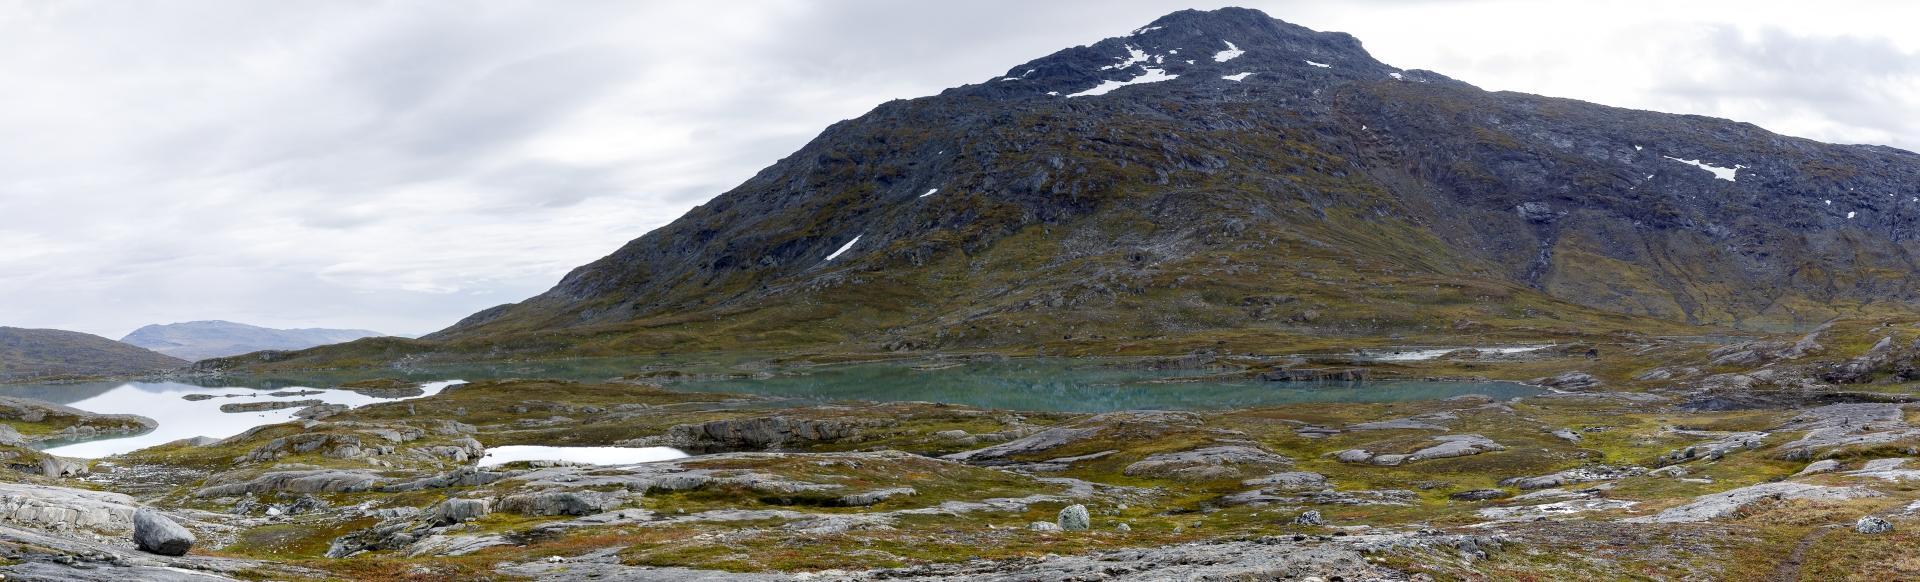 Blick zurück auf die Brücke, im Hintergrund der Noajdetjåhkkå